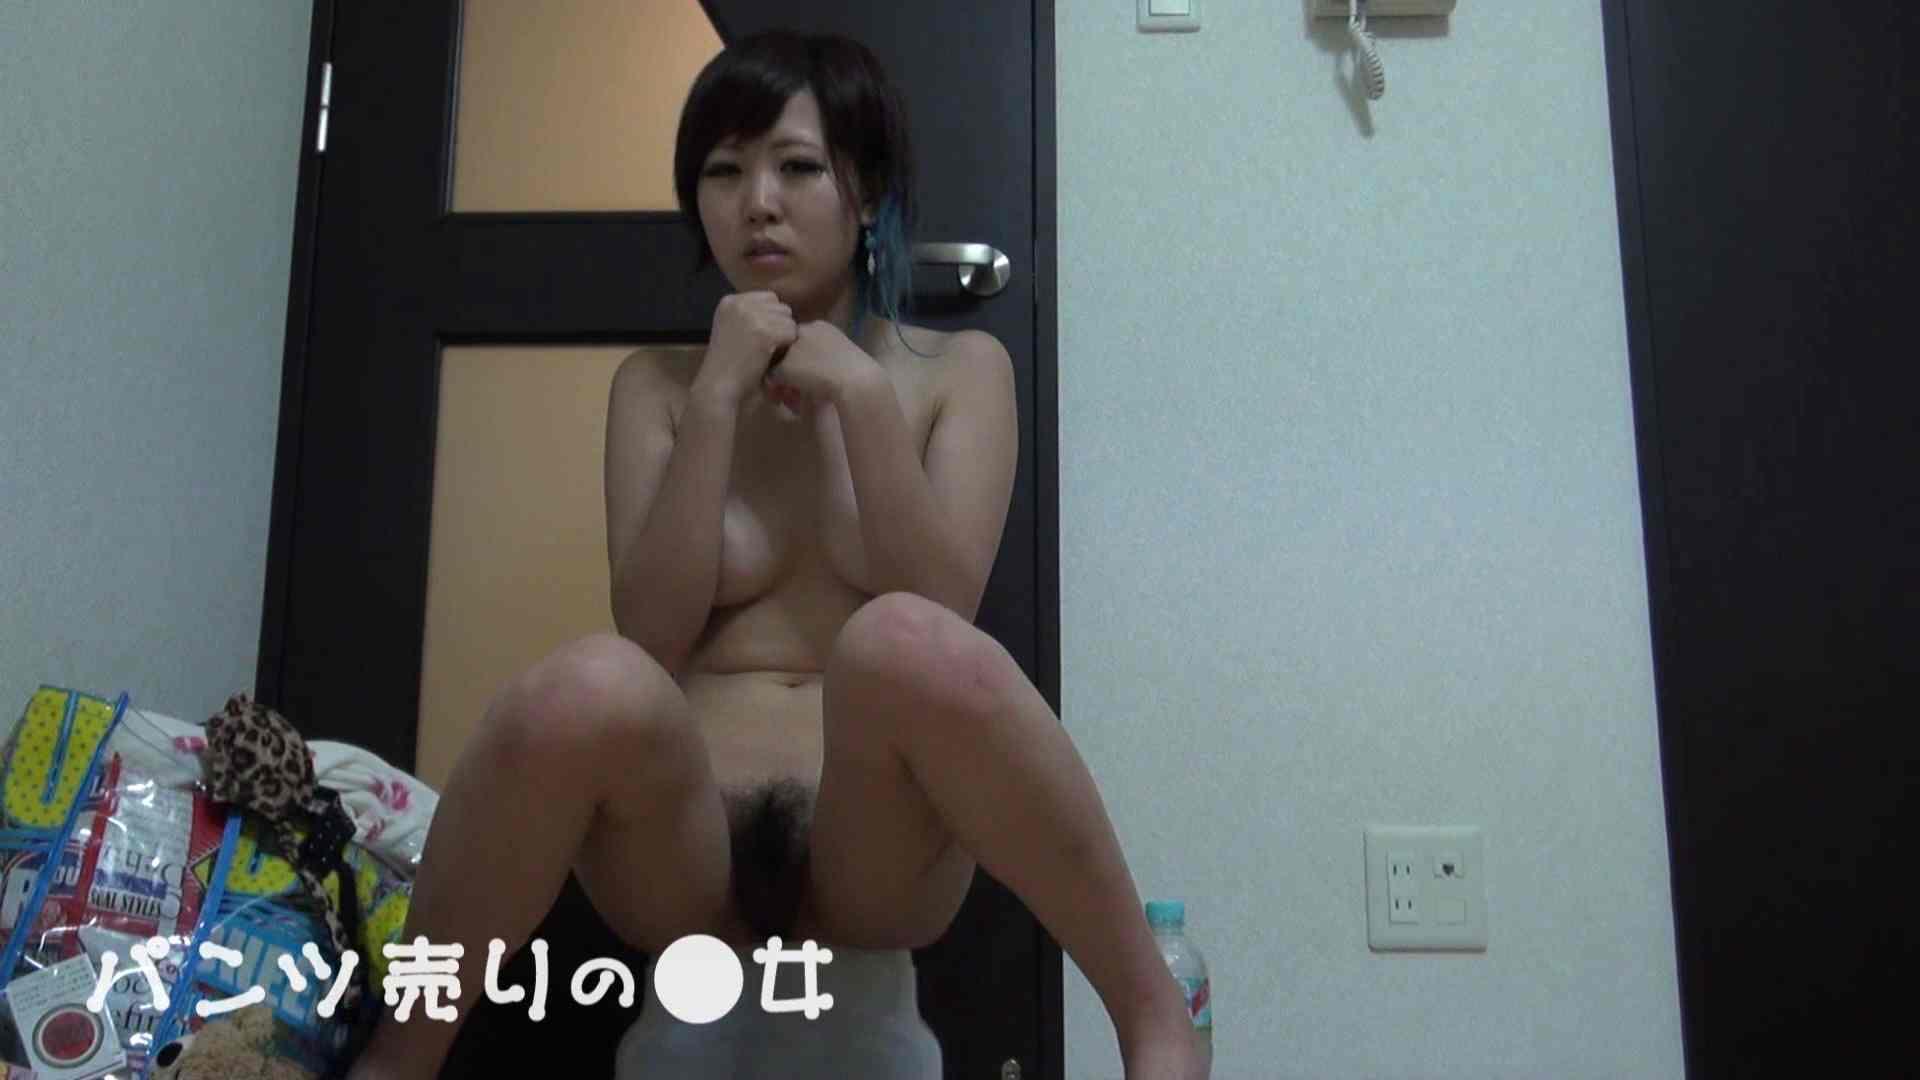 新説 パンツ売りの女の子nana02 覗き セックス無修正動画無料 102連発 44